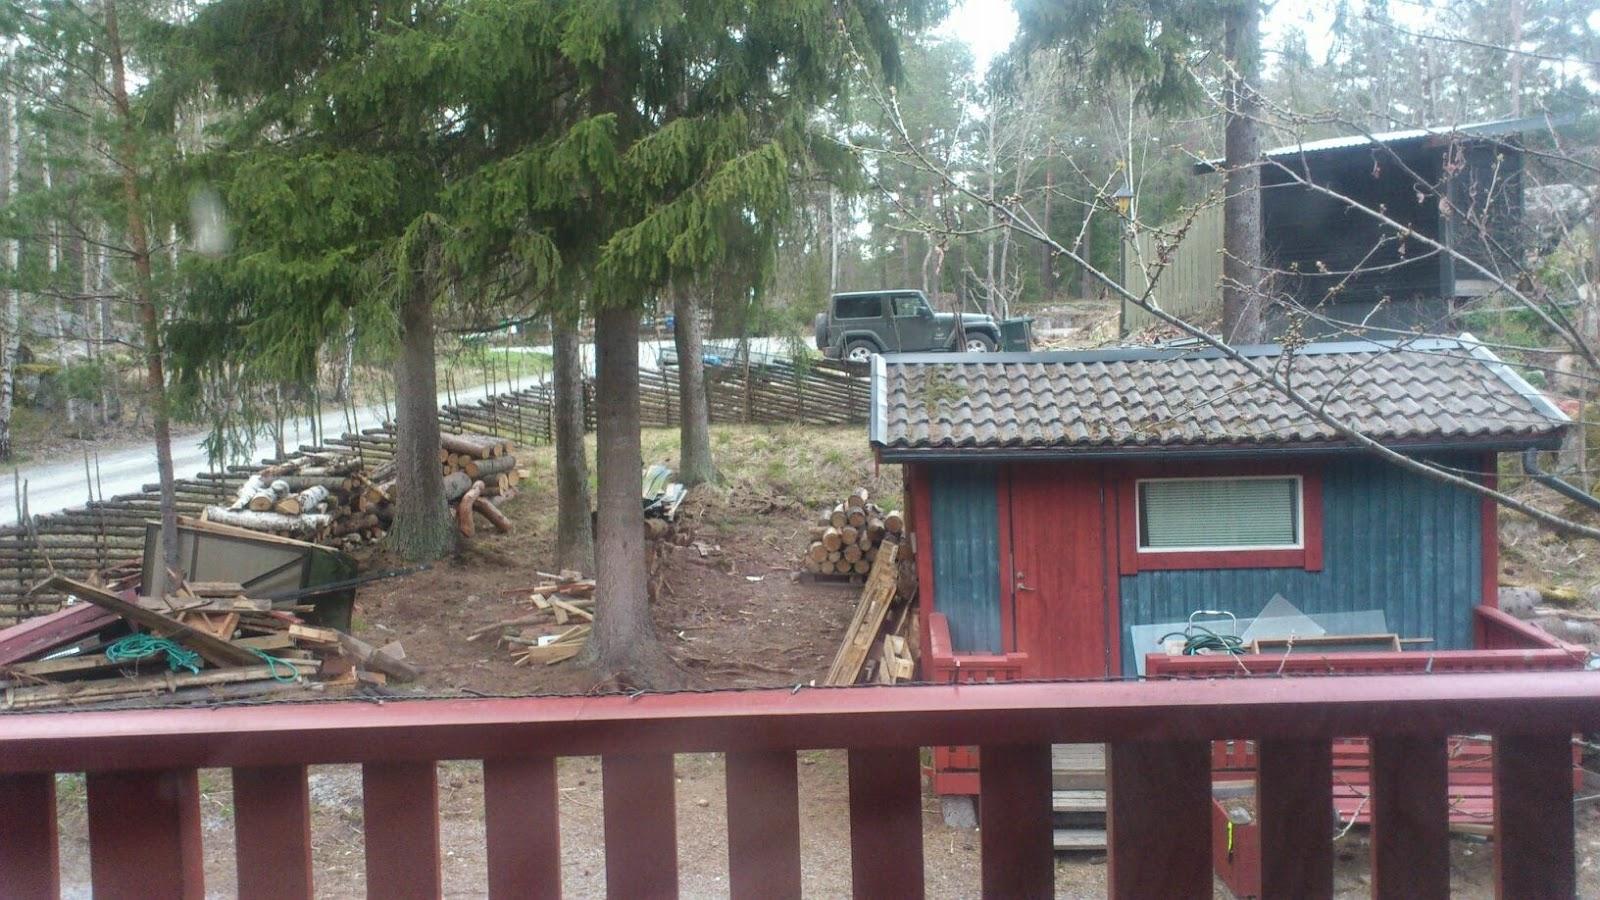 Annas islandshästar: april 2015